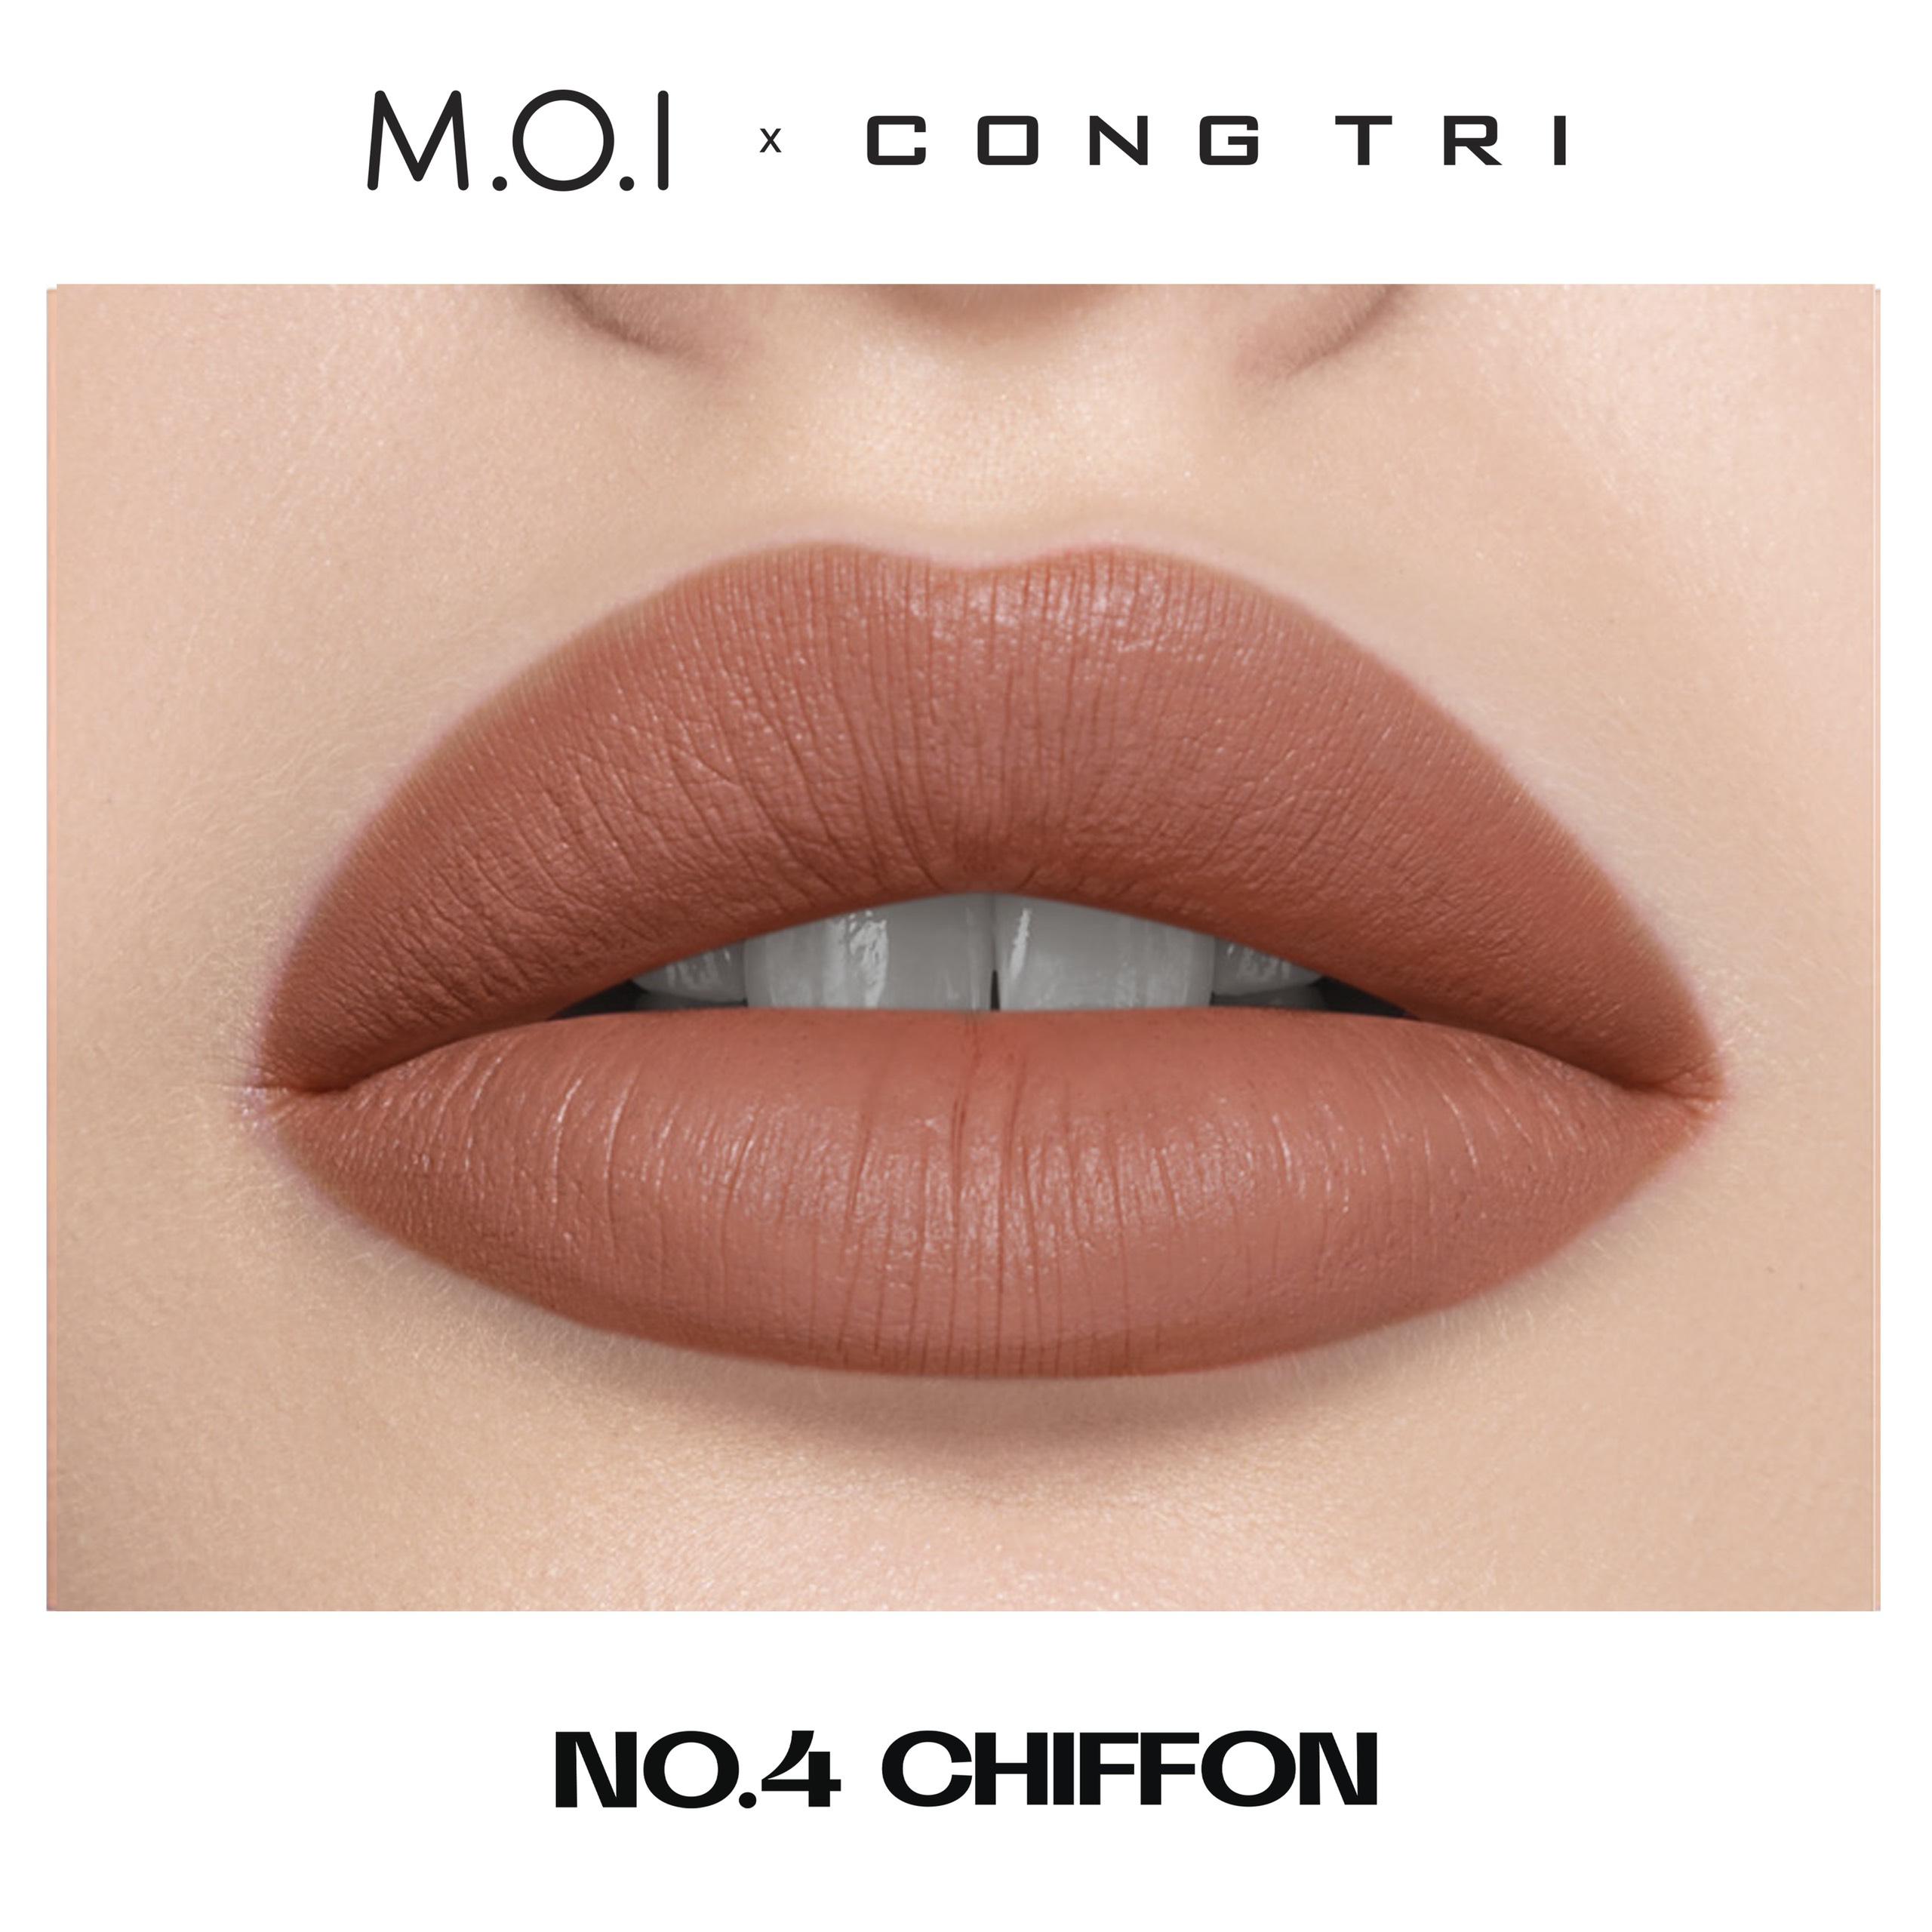 NO.04- CHIFFON - BST SON M.O.I x CÔNG TRÍ